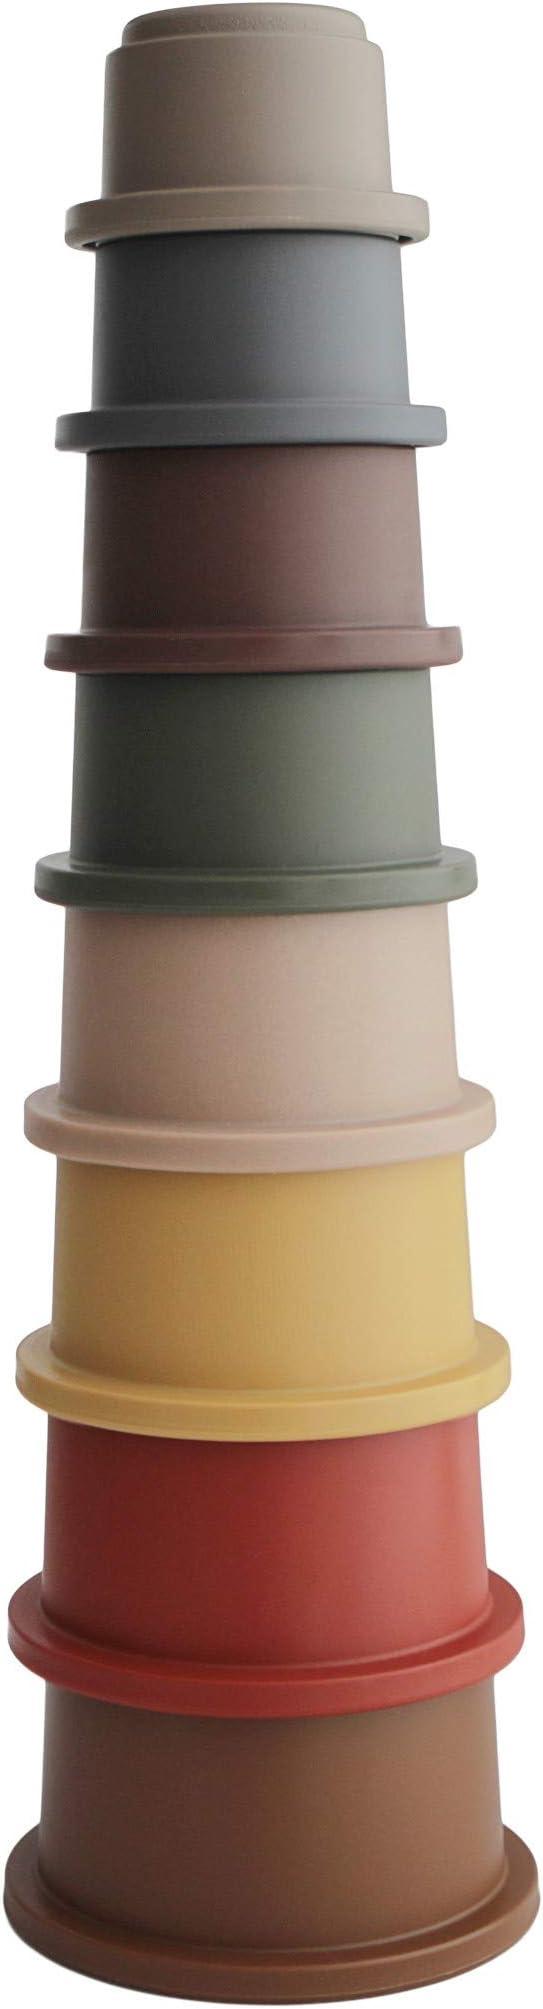 100/% BPA-frei Stapelspiel /& Lernspielzeug Mushie Stapelturm mit 8 Becher